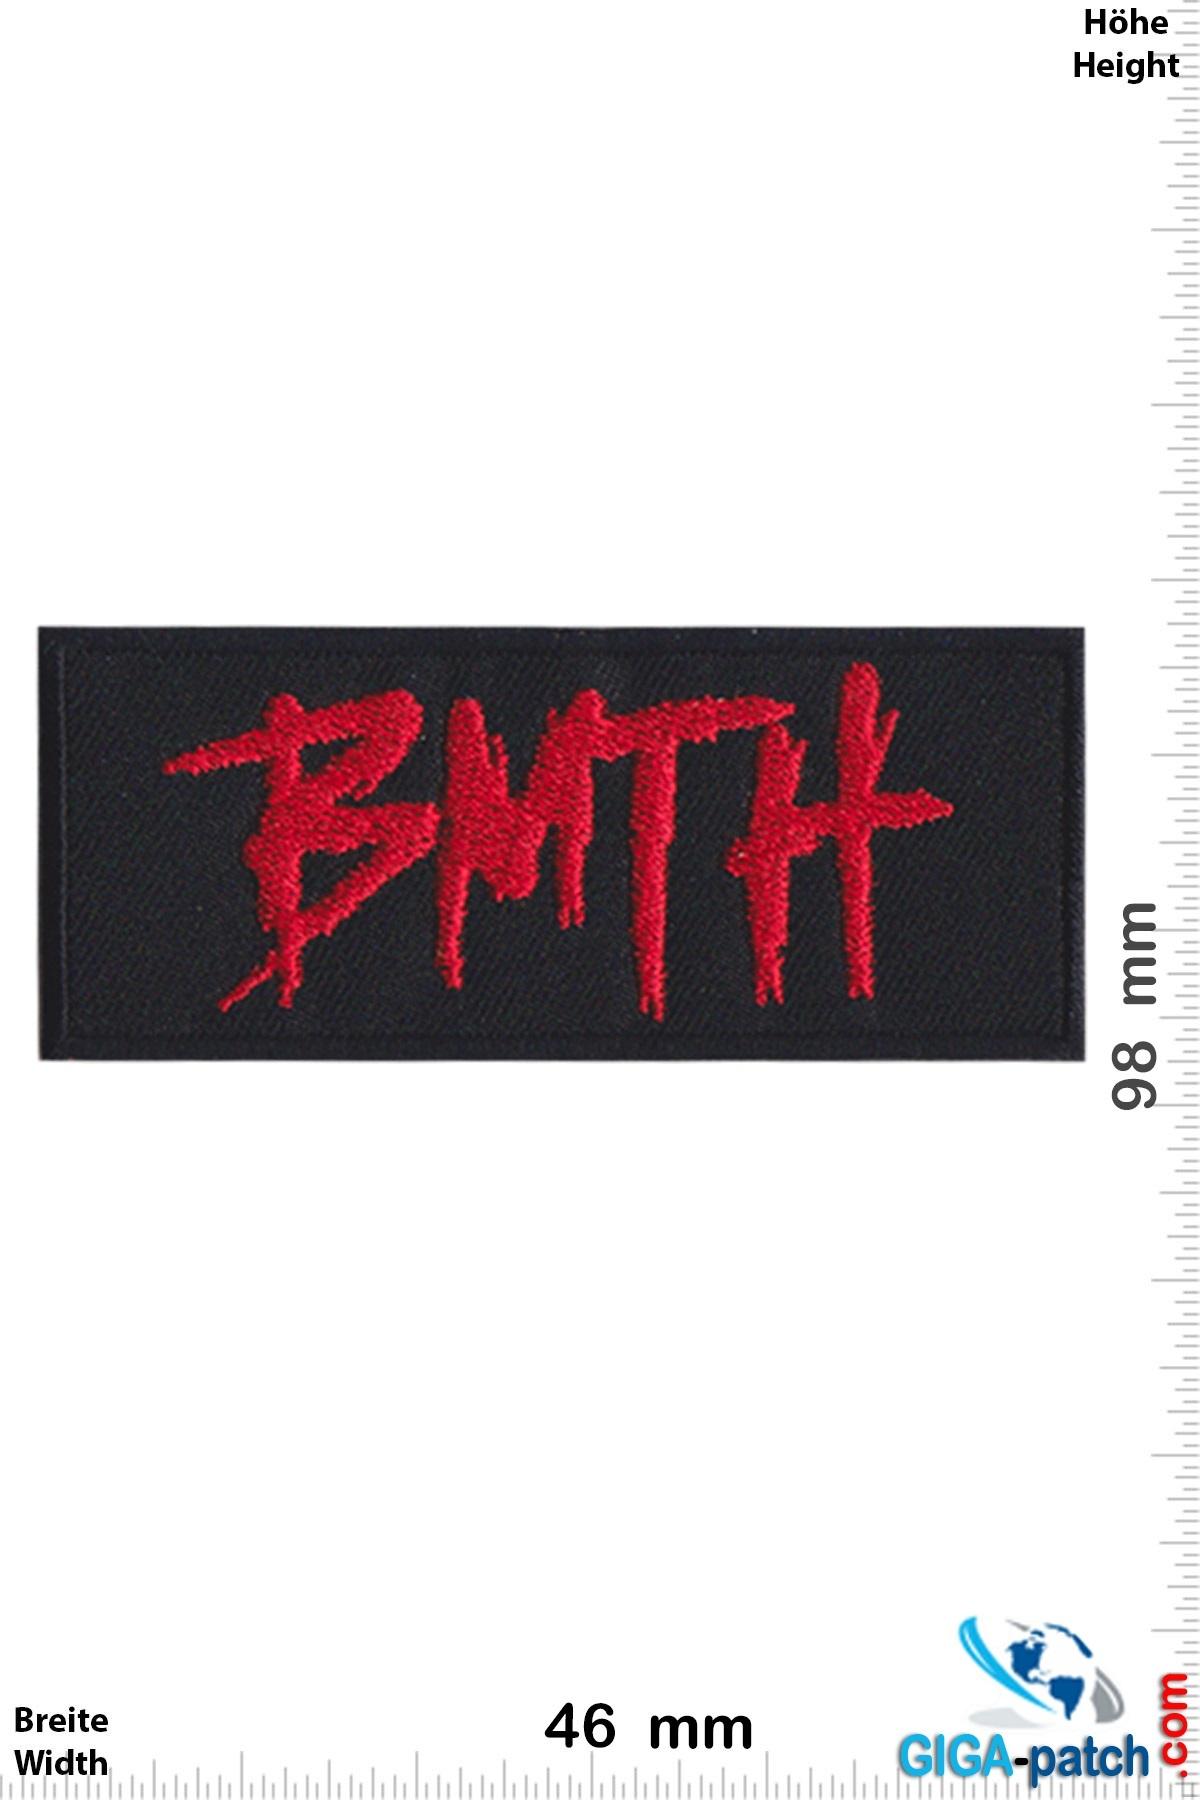 Bring Me the Horizon BMTH - Bring Me the Horizon - Metalcore - Deathcore-Band